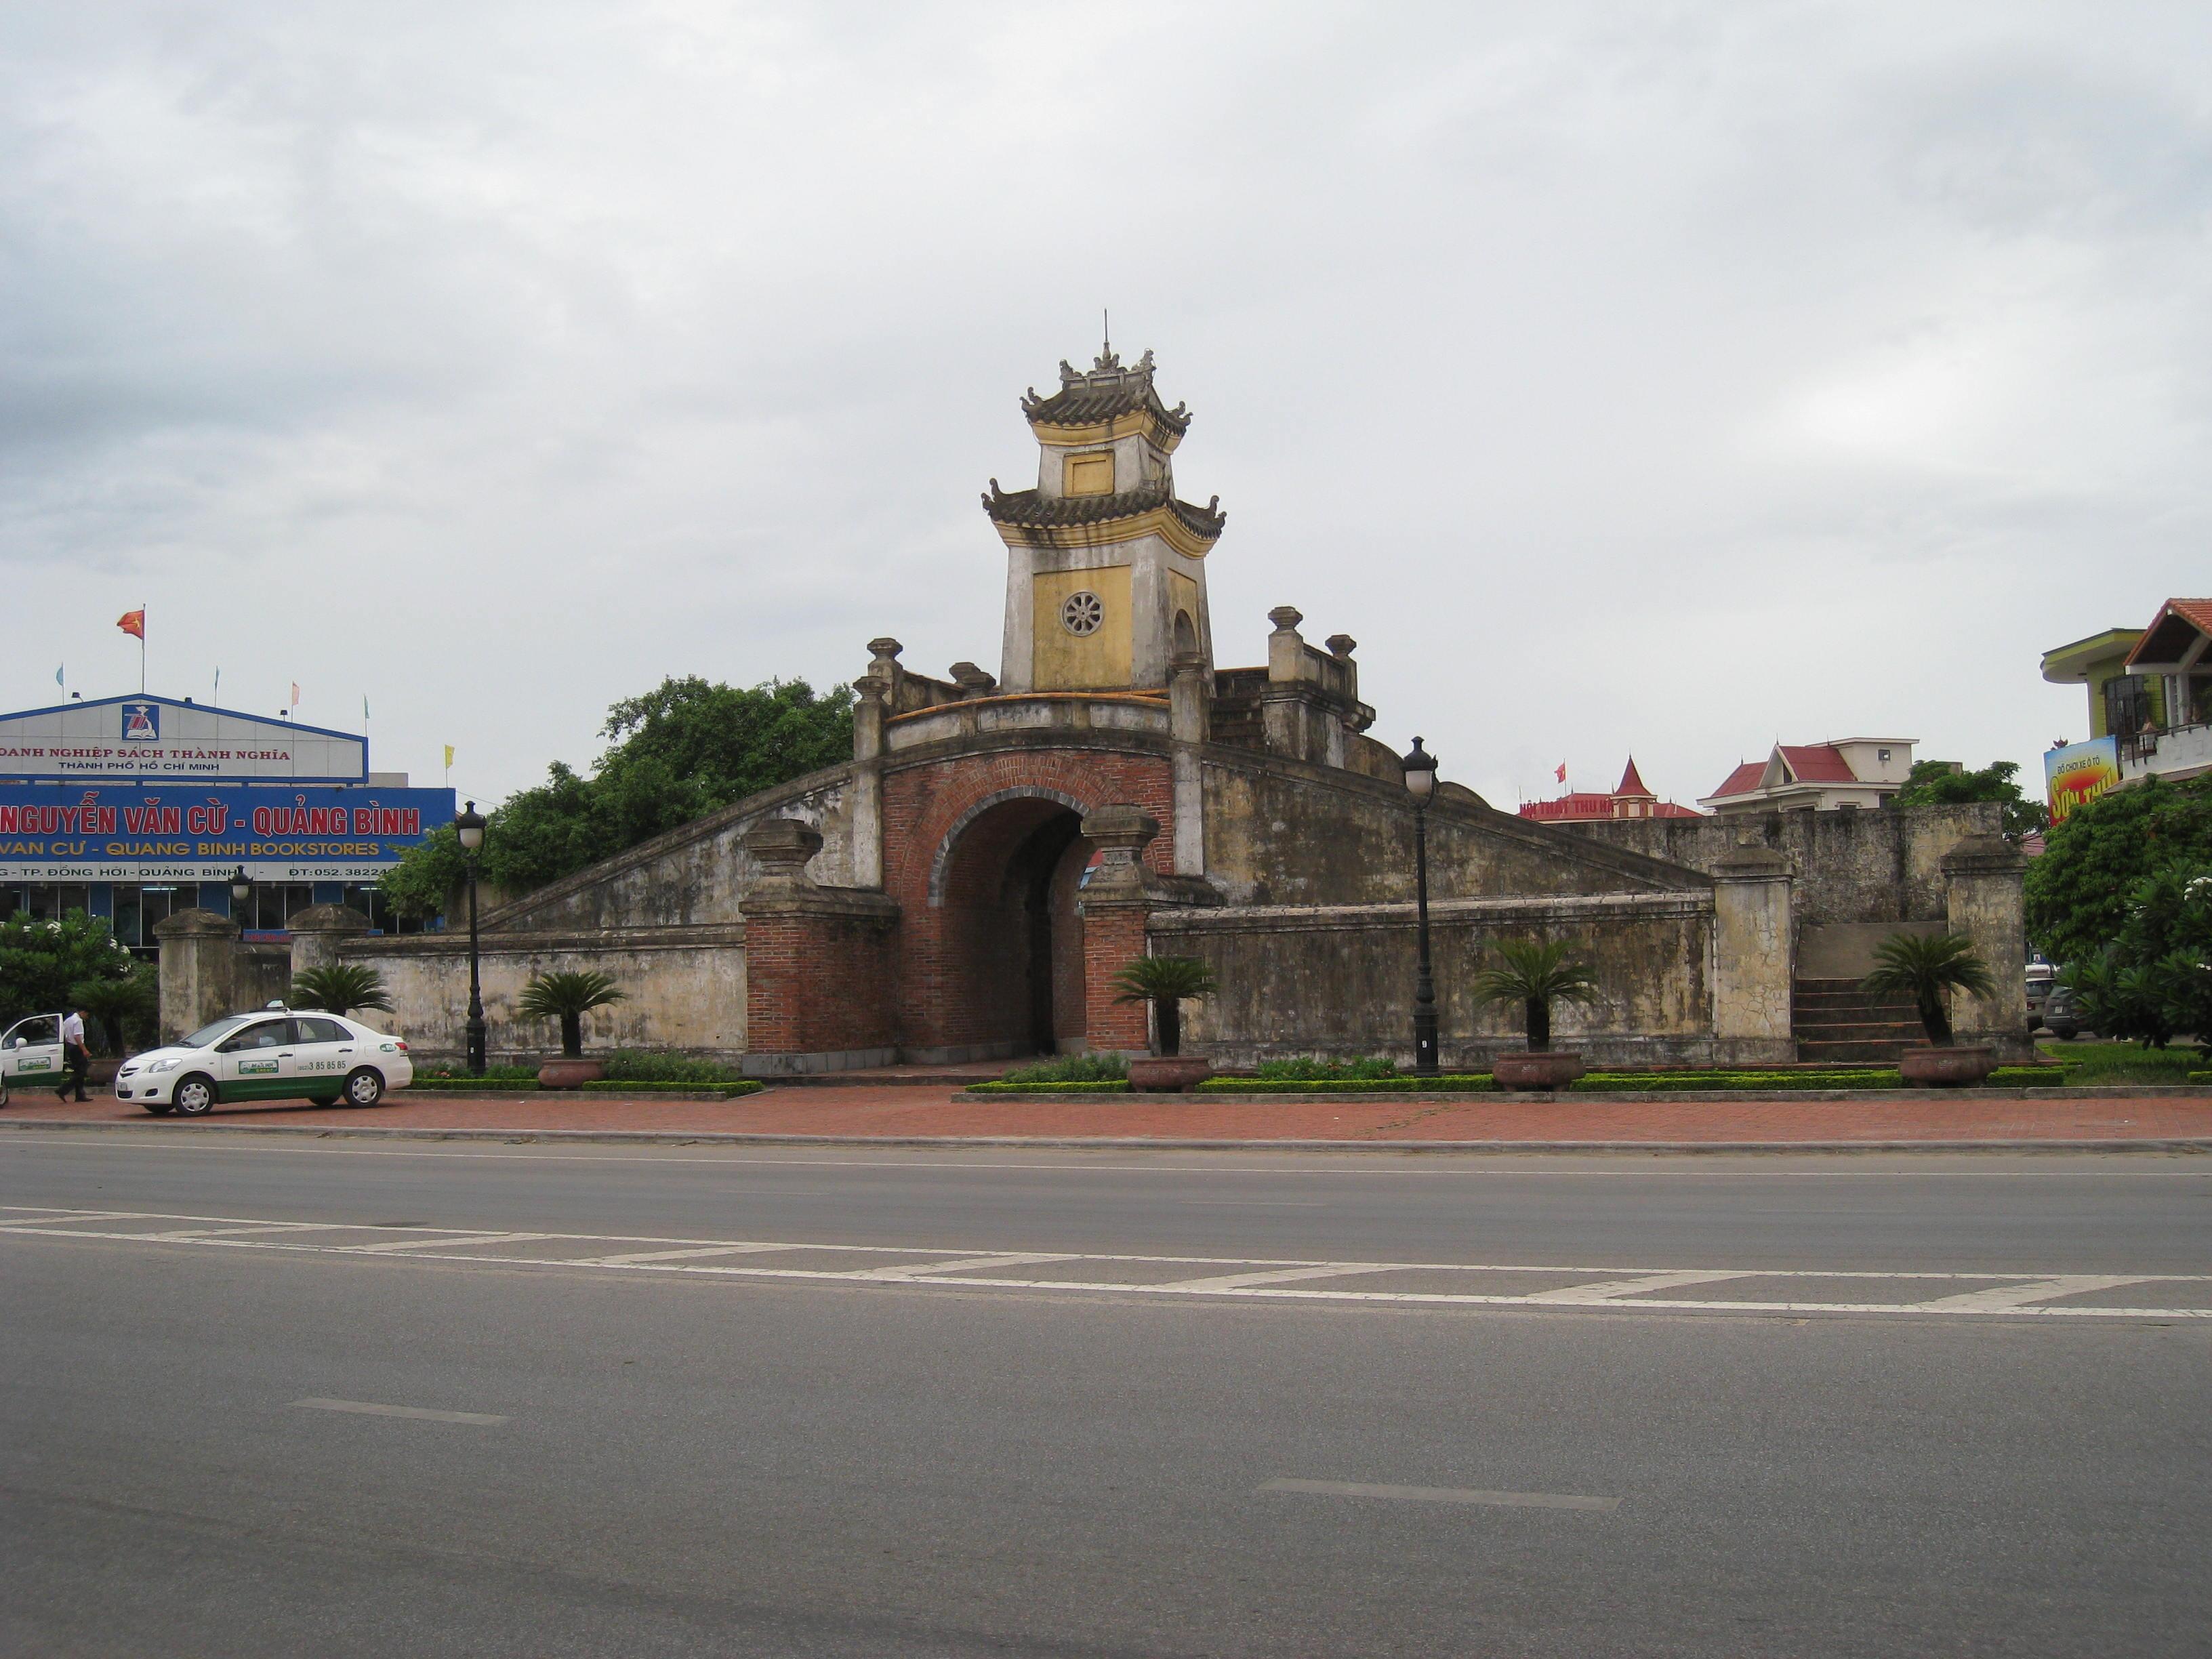 Bán nhớt Motul chất lượng cao tại Quảng Bình